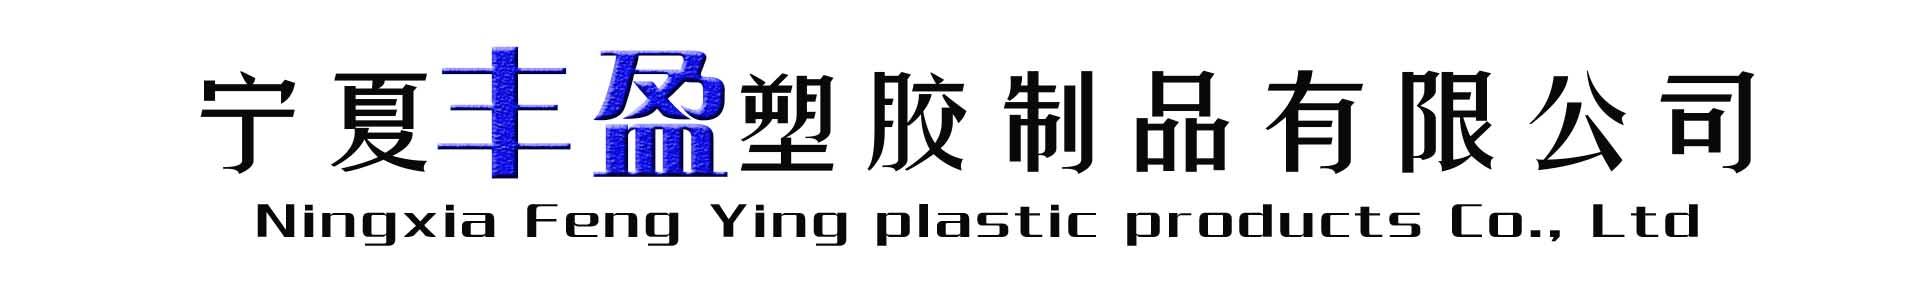 万博下载丰盈塑胶制品有限公司